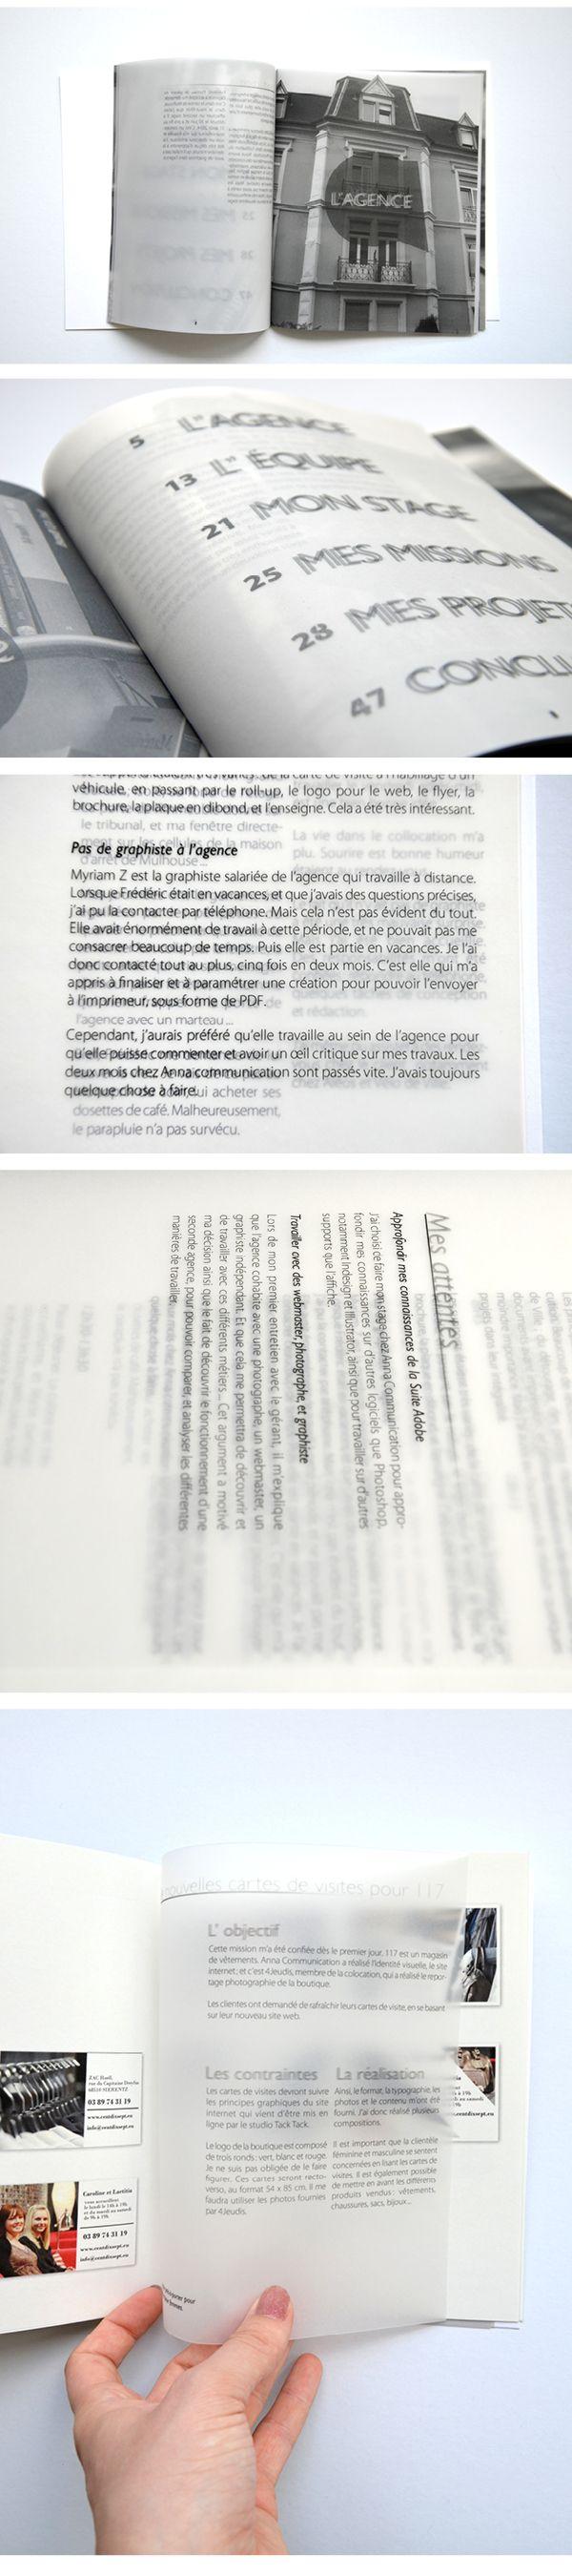 LEICHTNAM Anne - Rapport de stage dans une agence de communication - blur reading - 2015